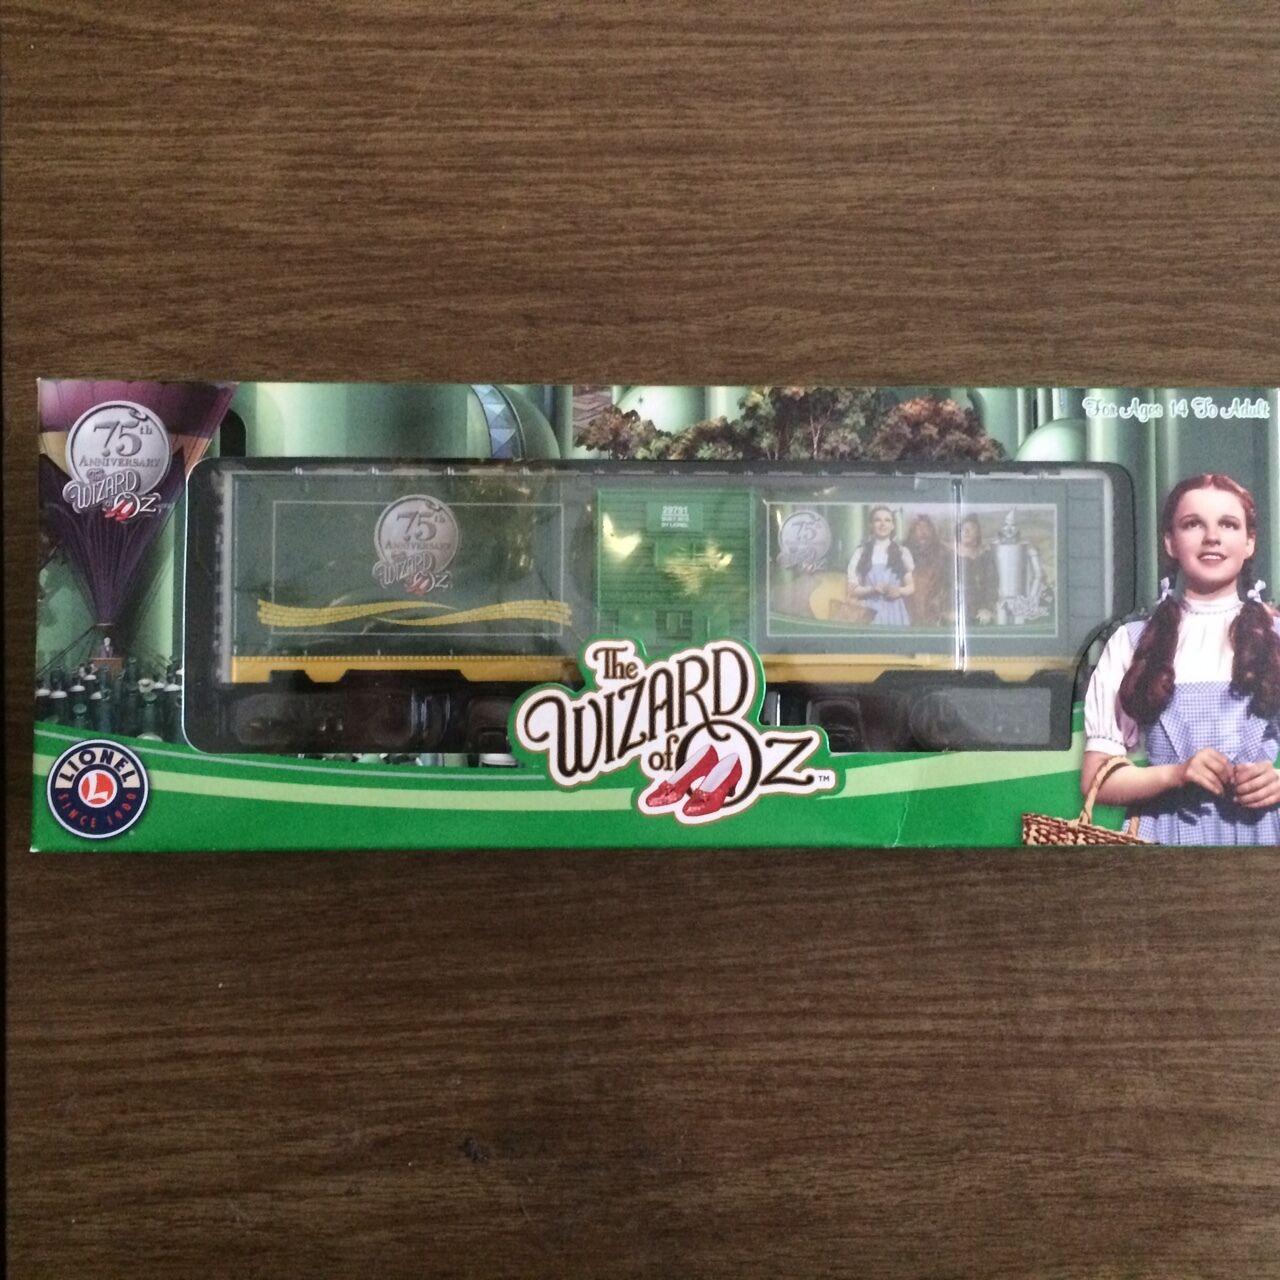 Lionel 29791 Wizard of OZ 75th Anniversary Box Car New in Box